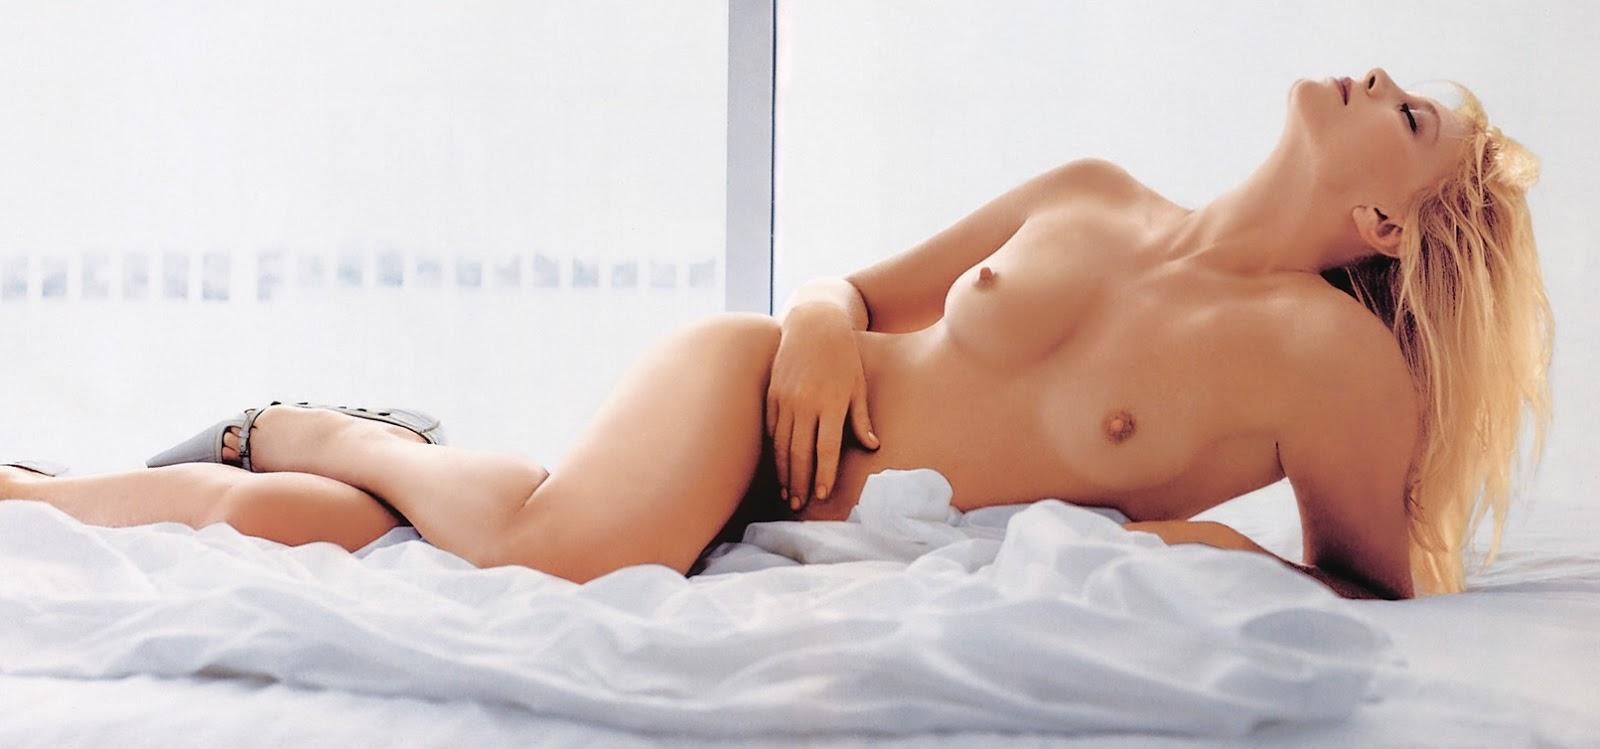 Sex lula pics sexy clip